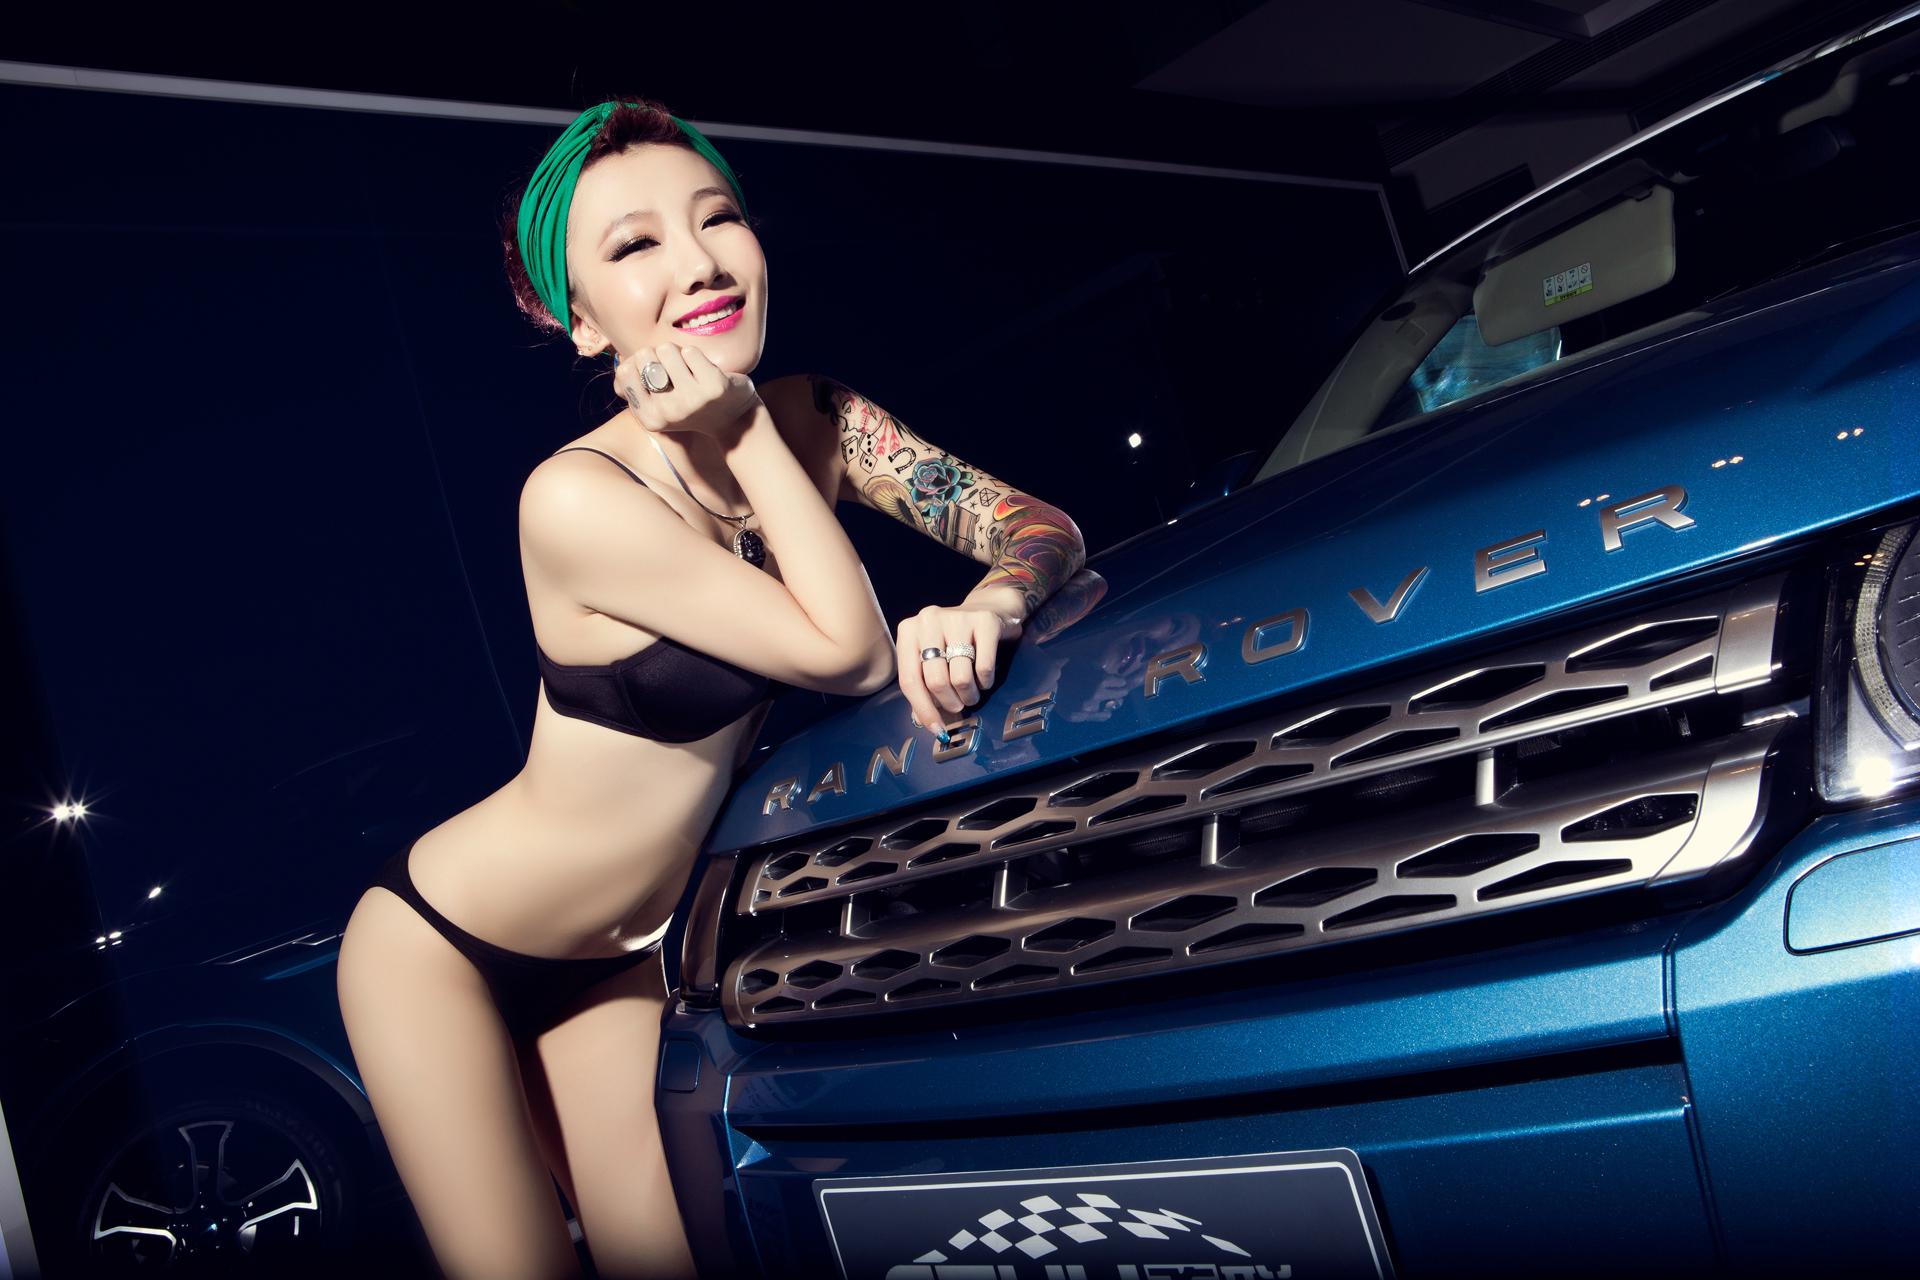 妩媚动人纹身女郎 激情猎获公路猛虎